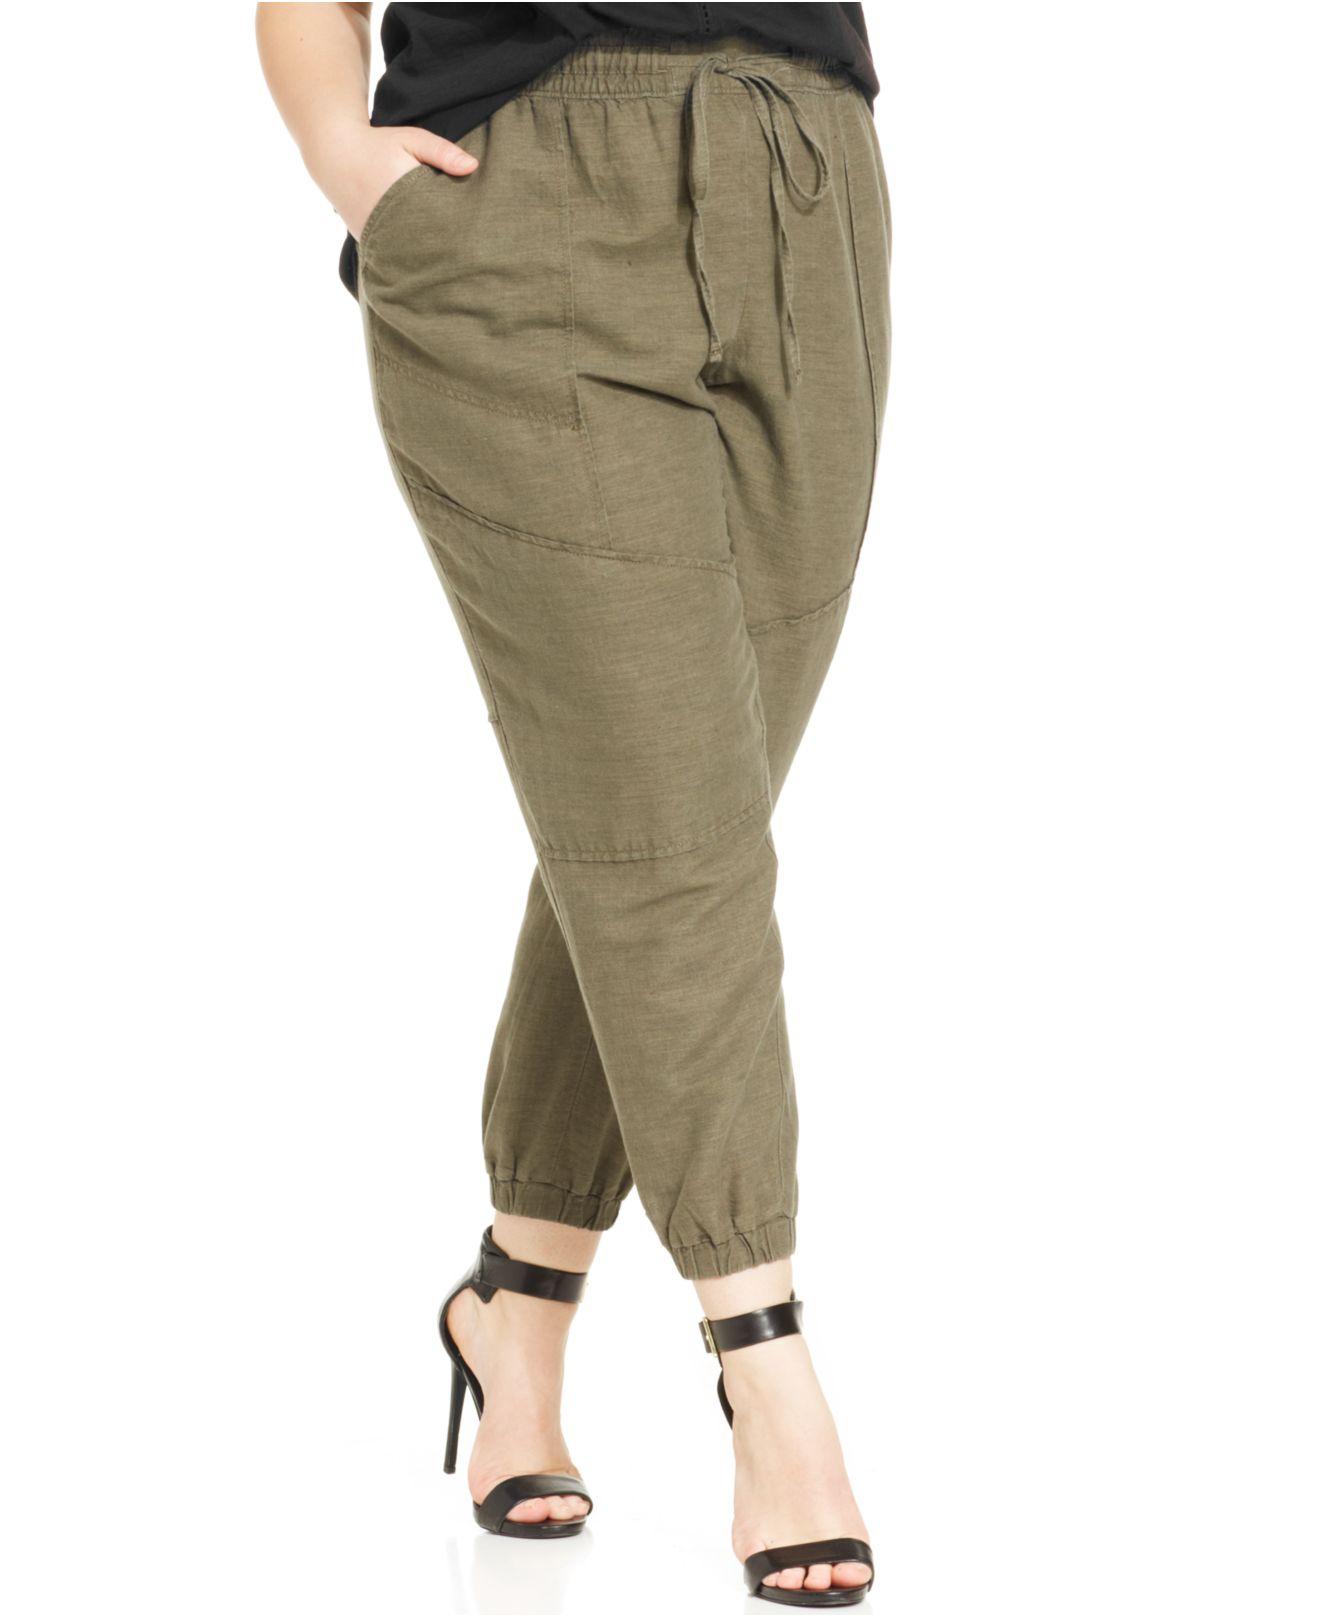 Elastic Jeans For Women